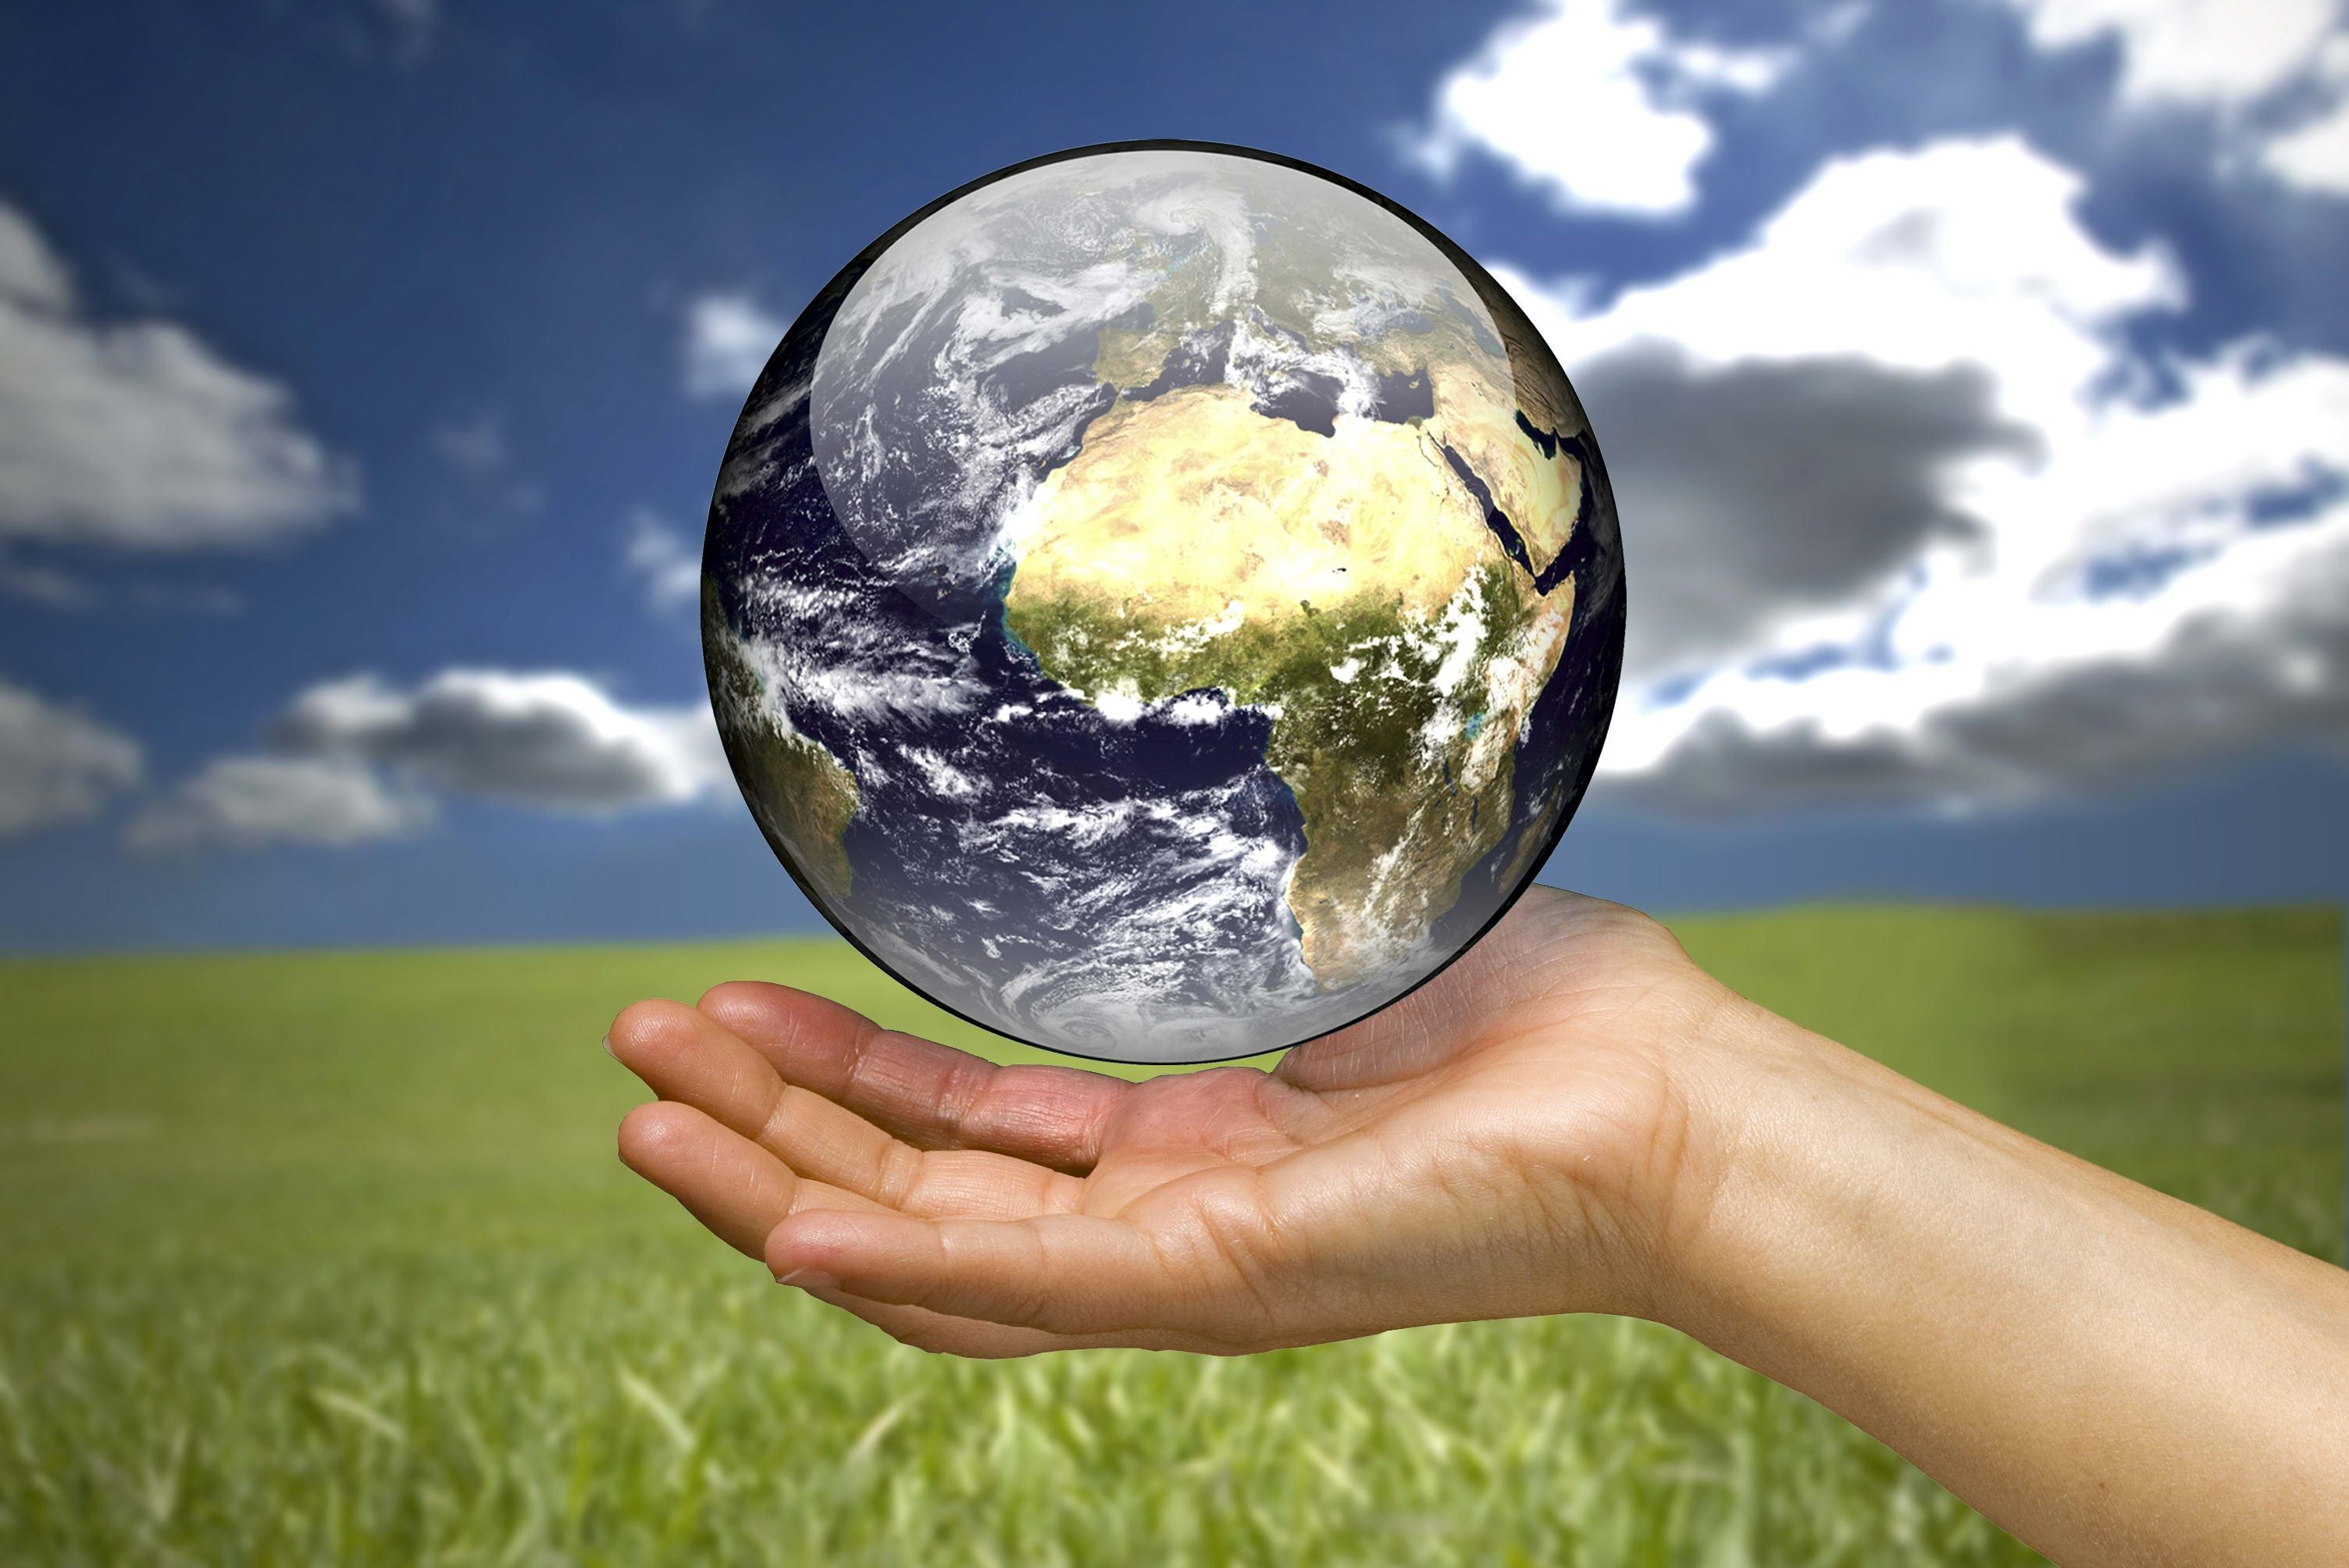 Роль земли в картинках